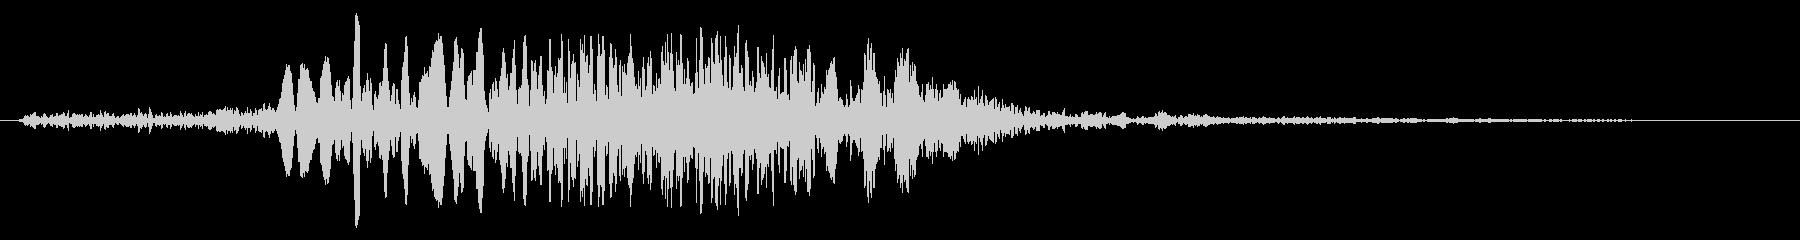 時代劇の合戦シーンの効果音の未再生の波形